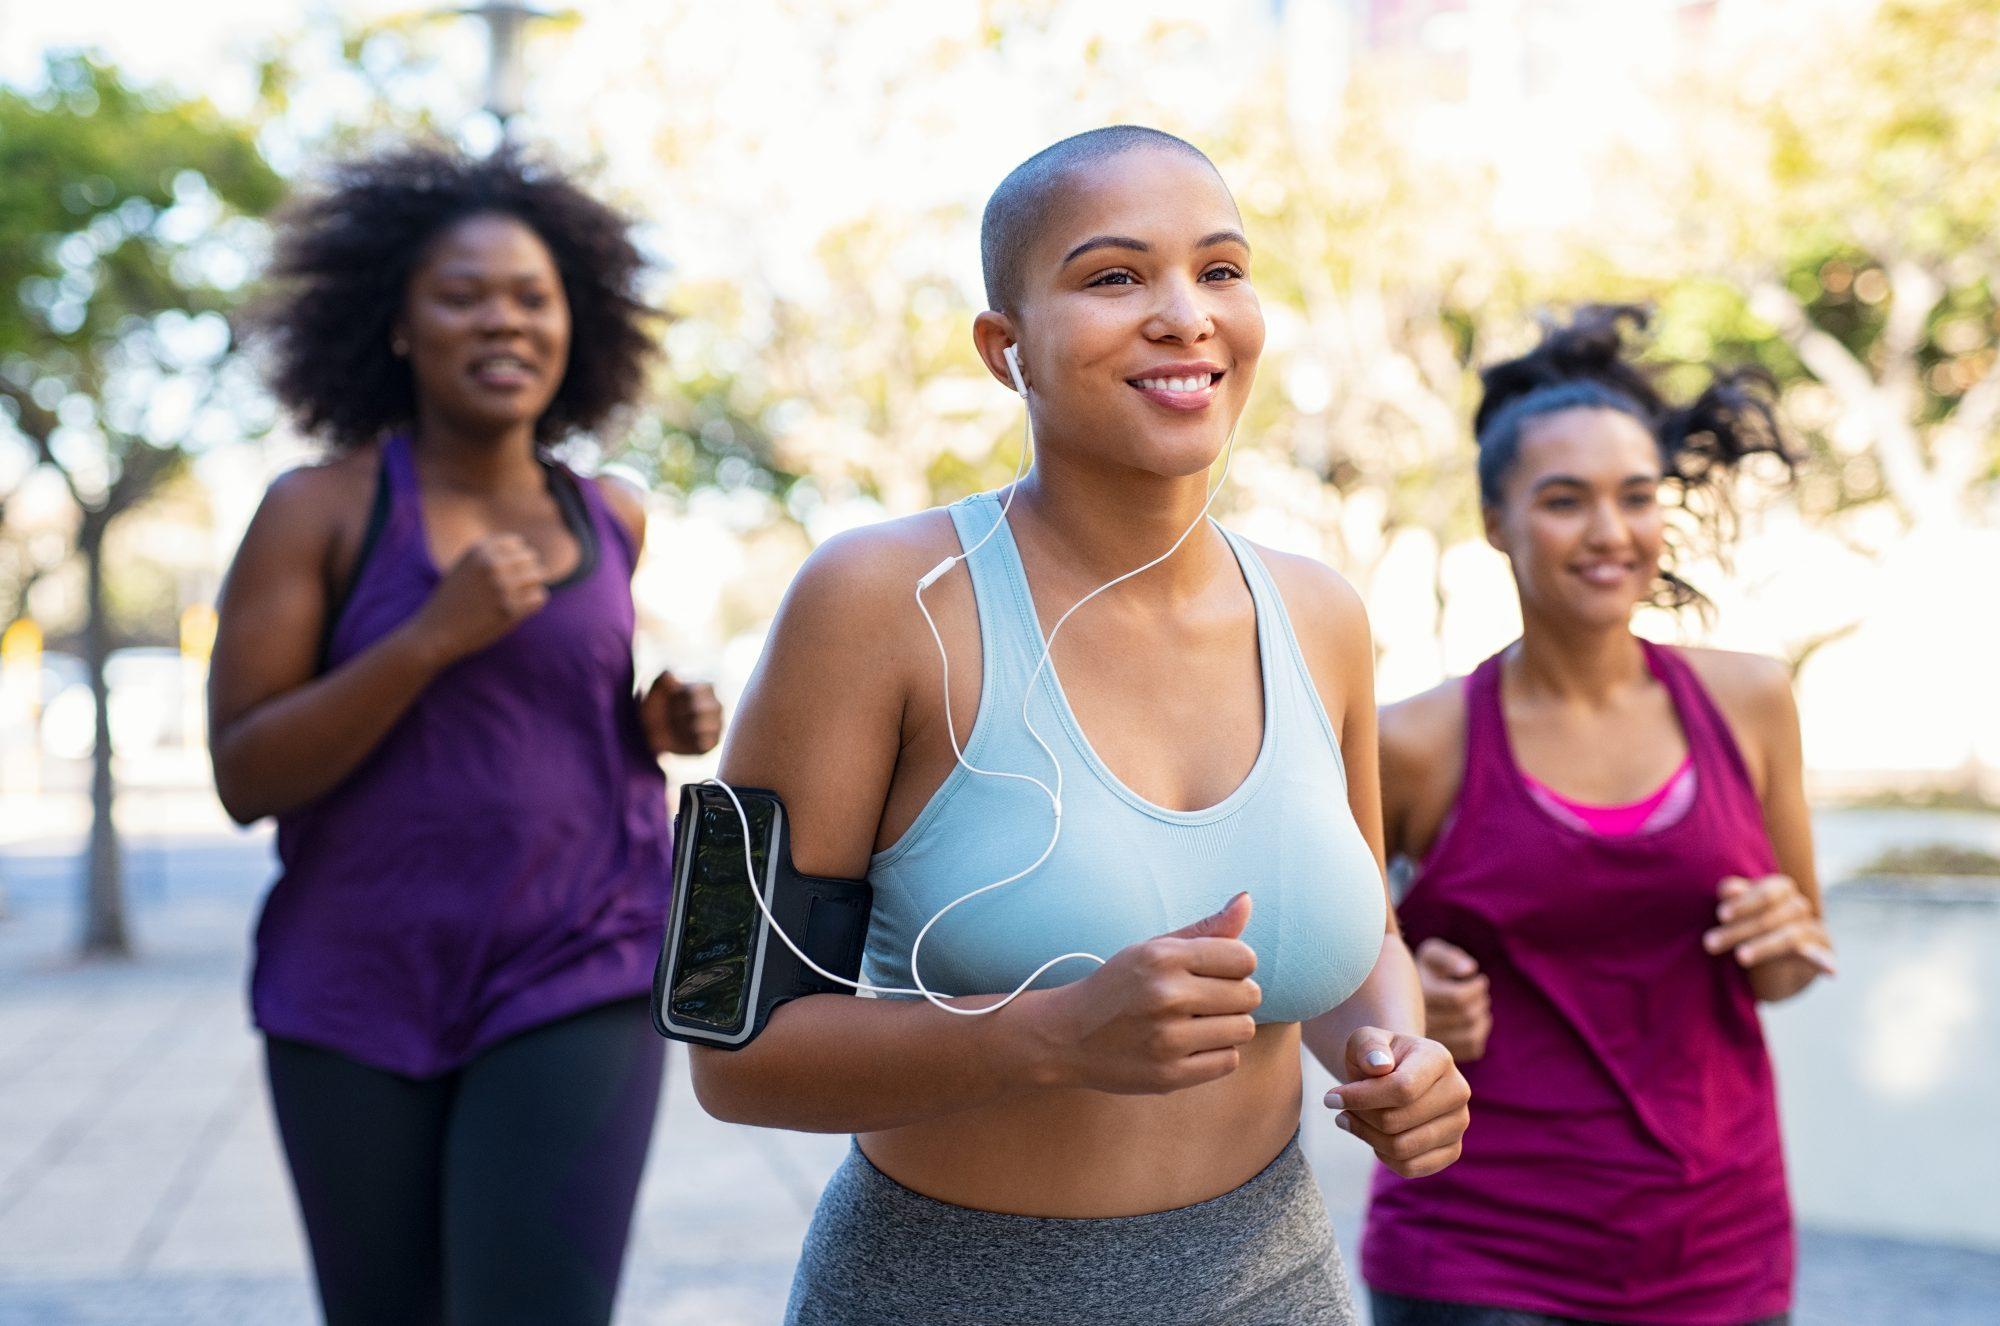 Pela primeira vez, mulheres são maioria nas corridas de rua